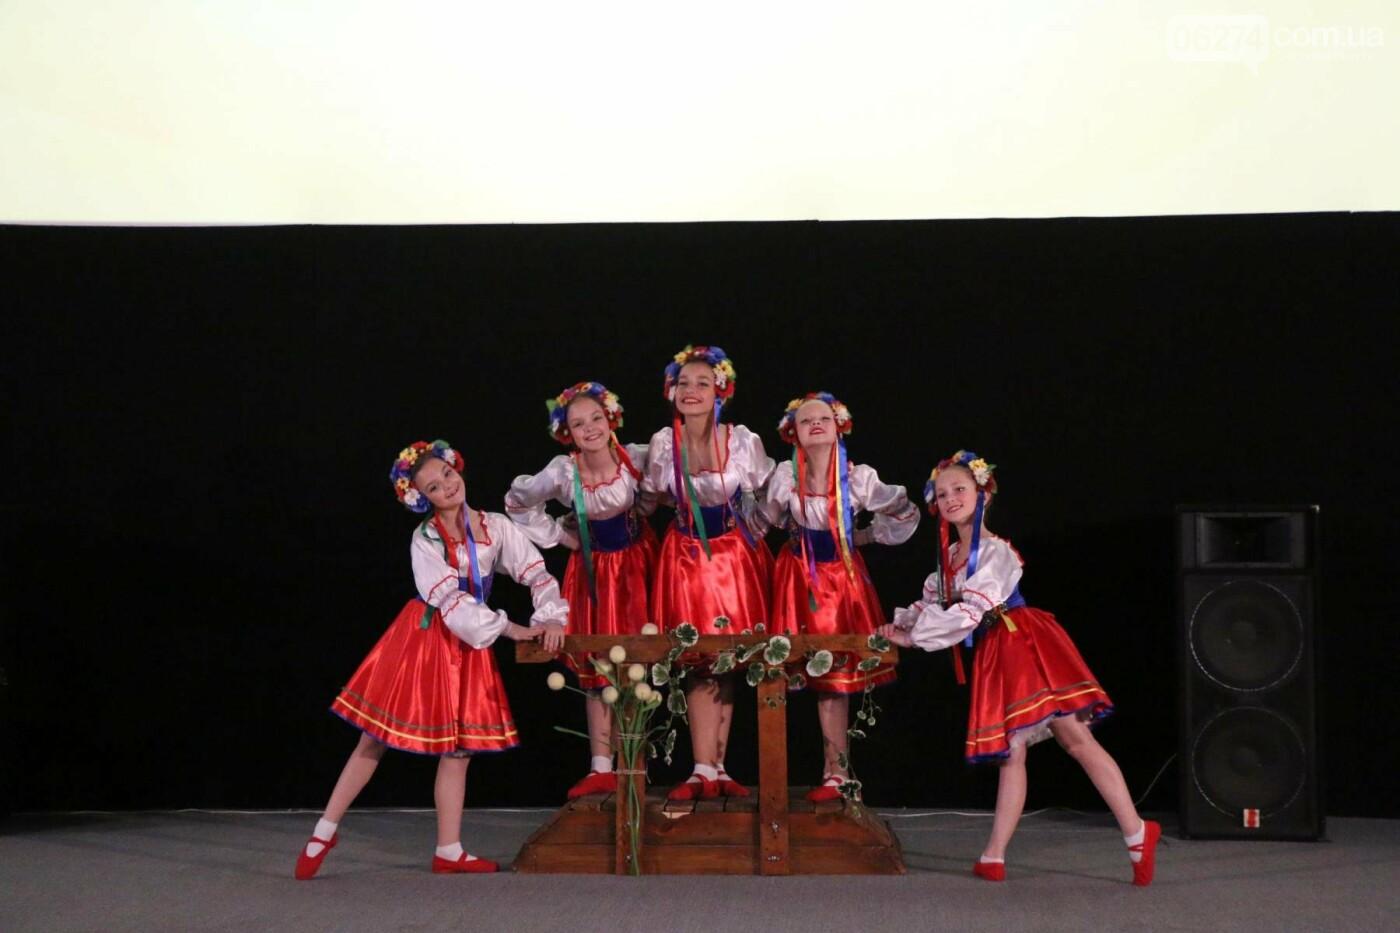 В Бахмуте прошел отчетный концерт образцового ансамбля танца «Непоседы» (ФОТОРЕПОРТАЖ), фото-41